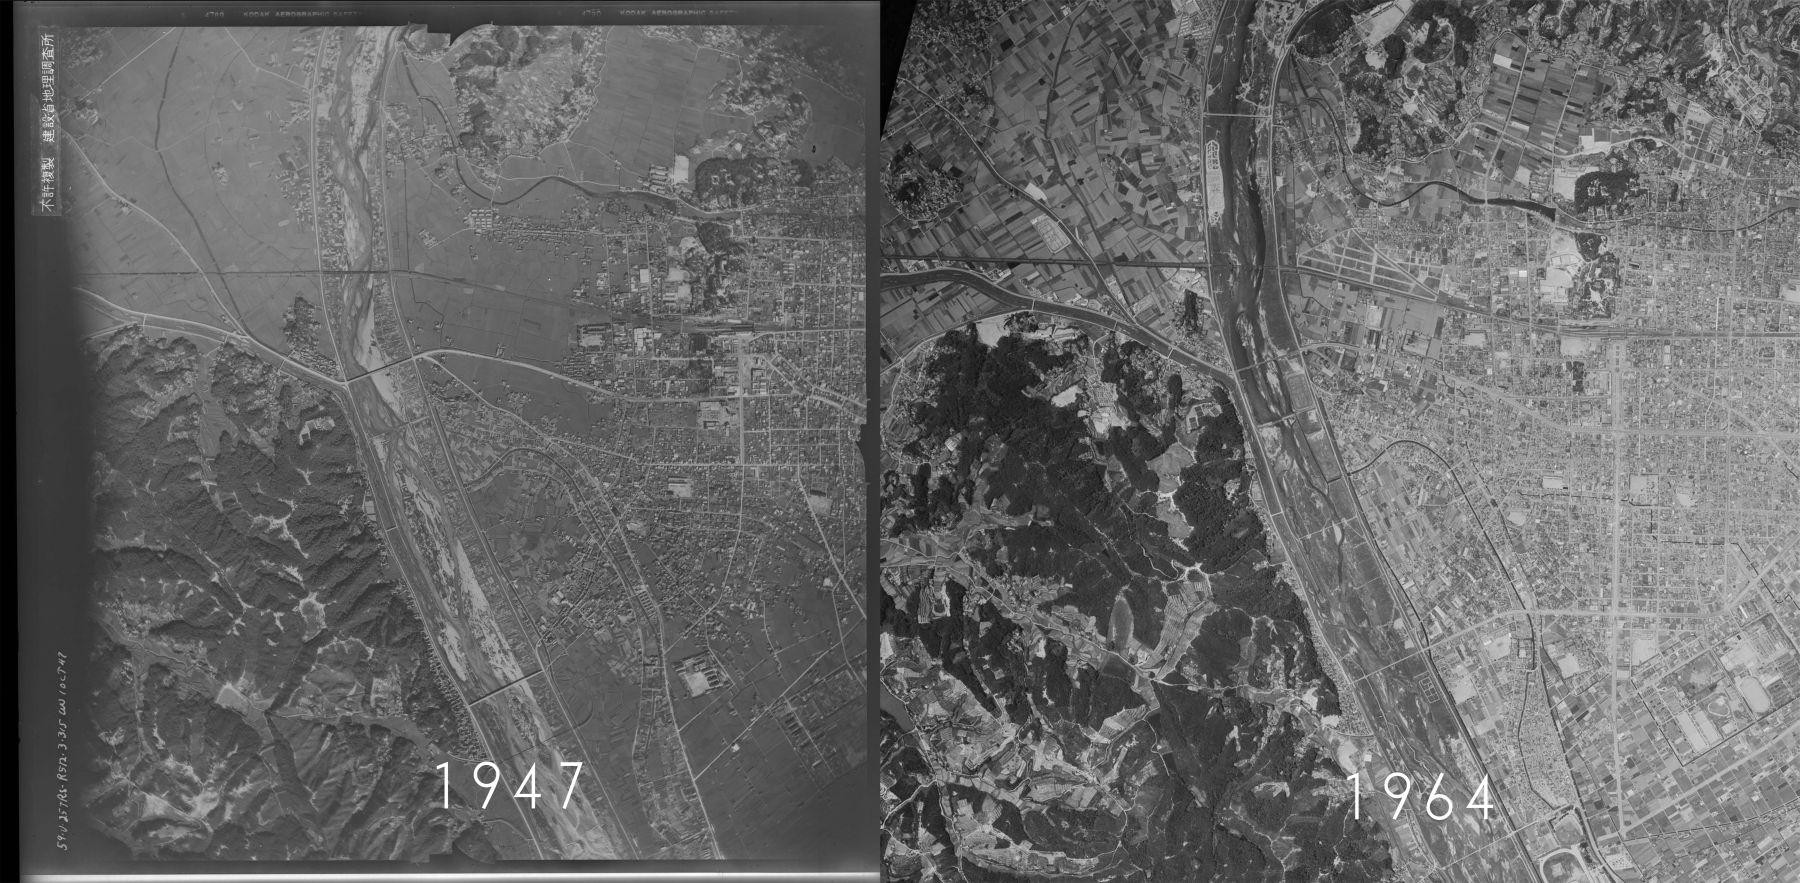 古い(昭和22年)航空写真を比較